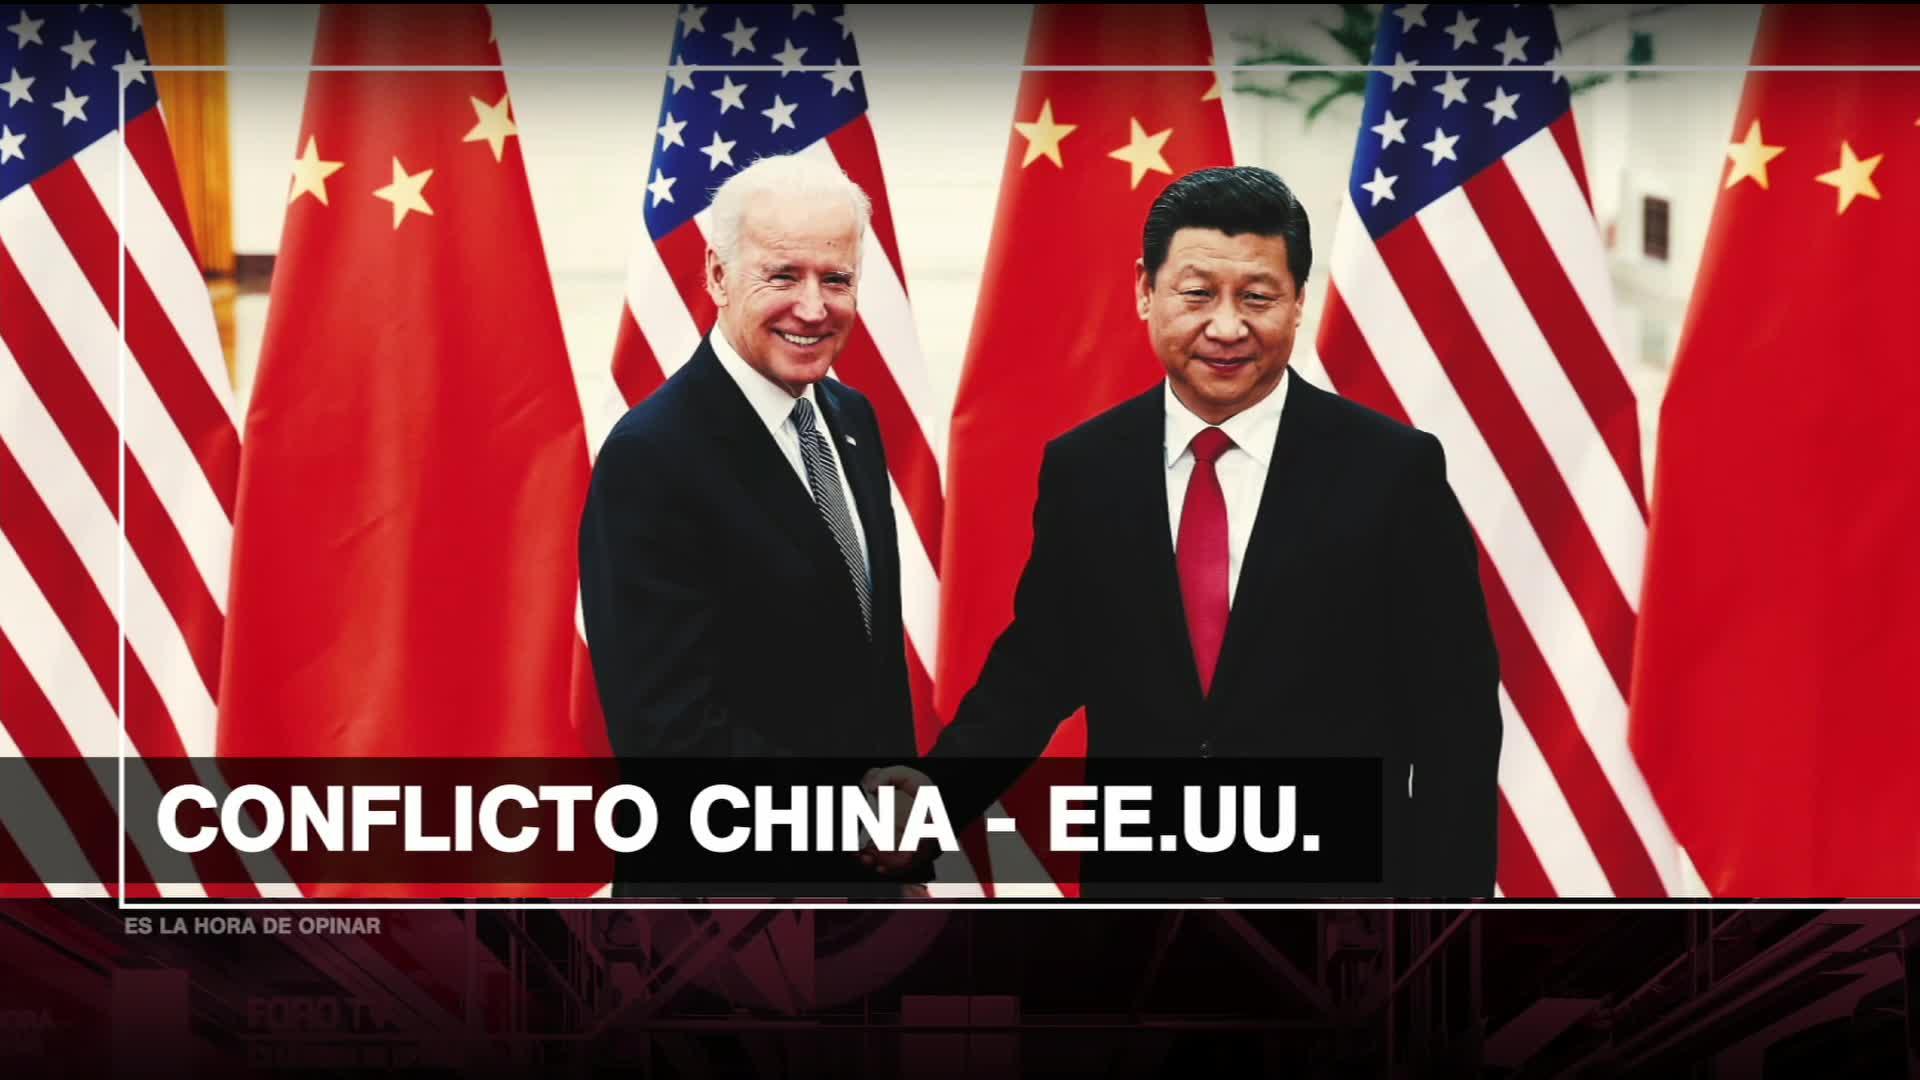 que efectos tendra el conflicto creciente entre ee uu y china